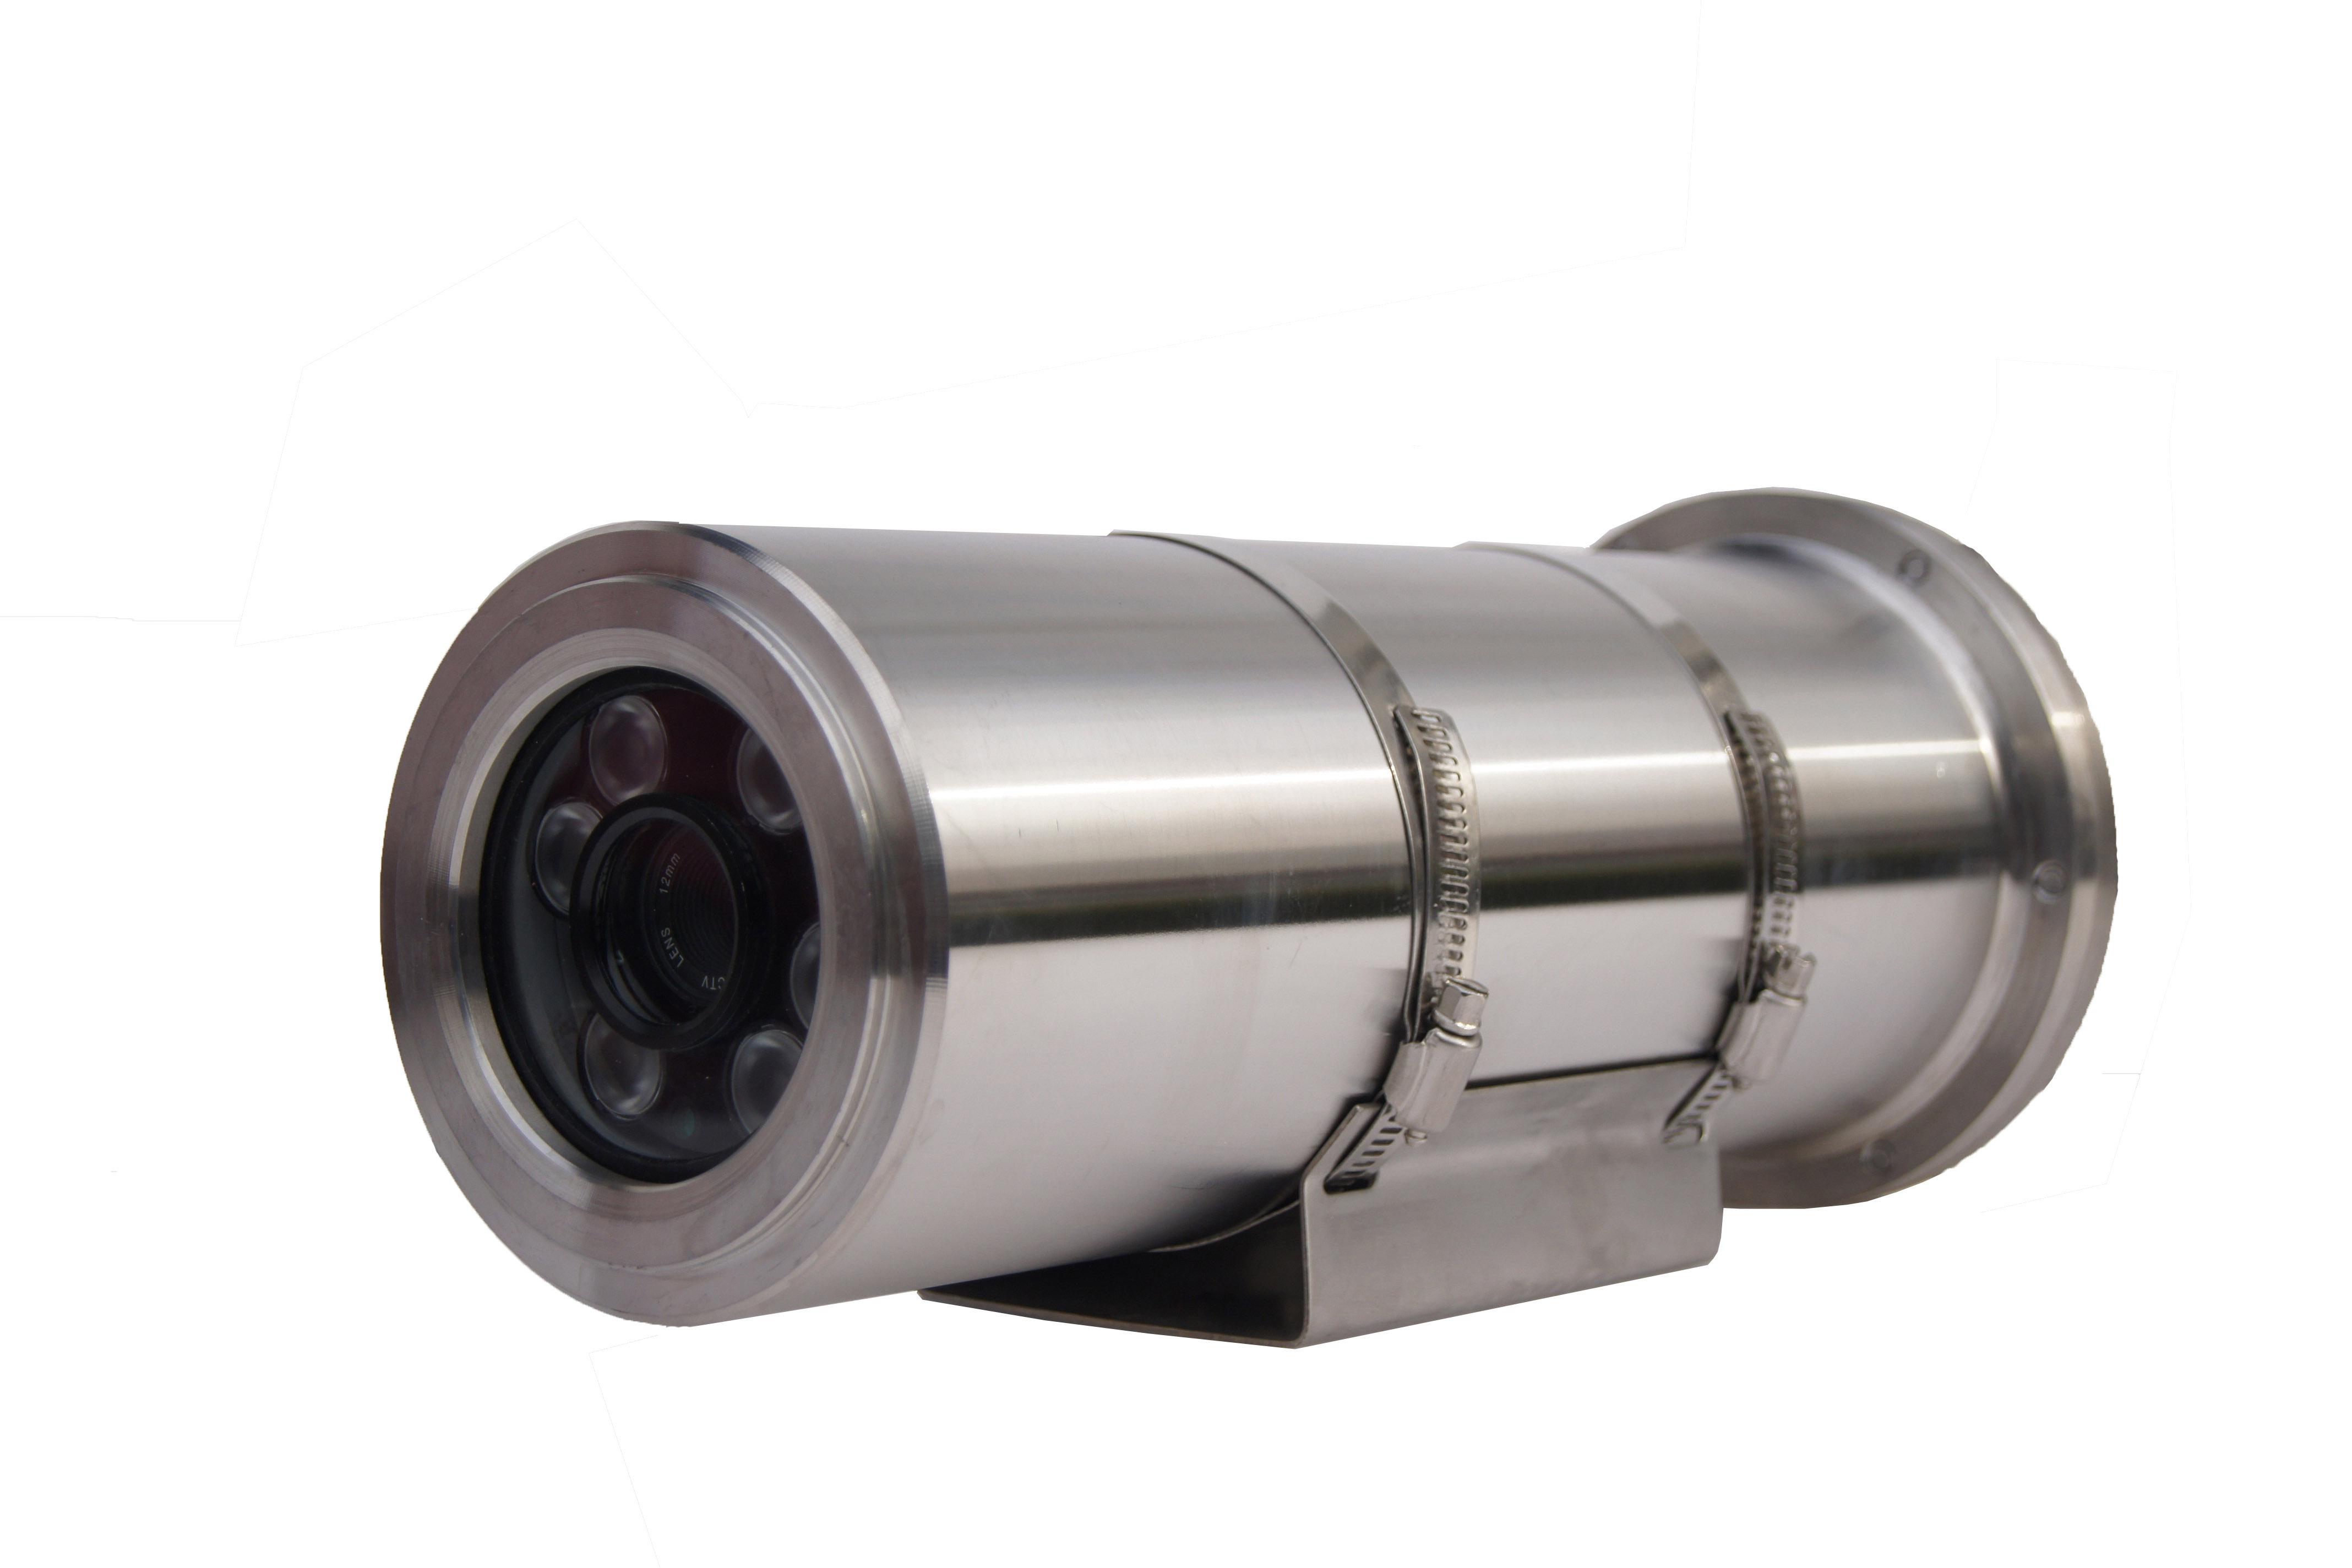 现货!现货专业生产防爆网络摄像机高清像素